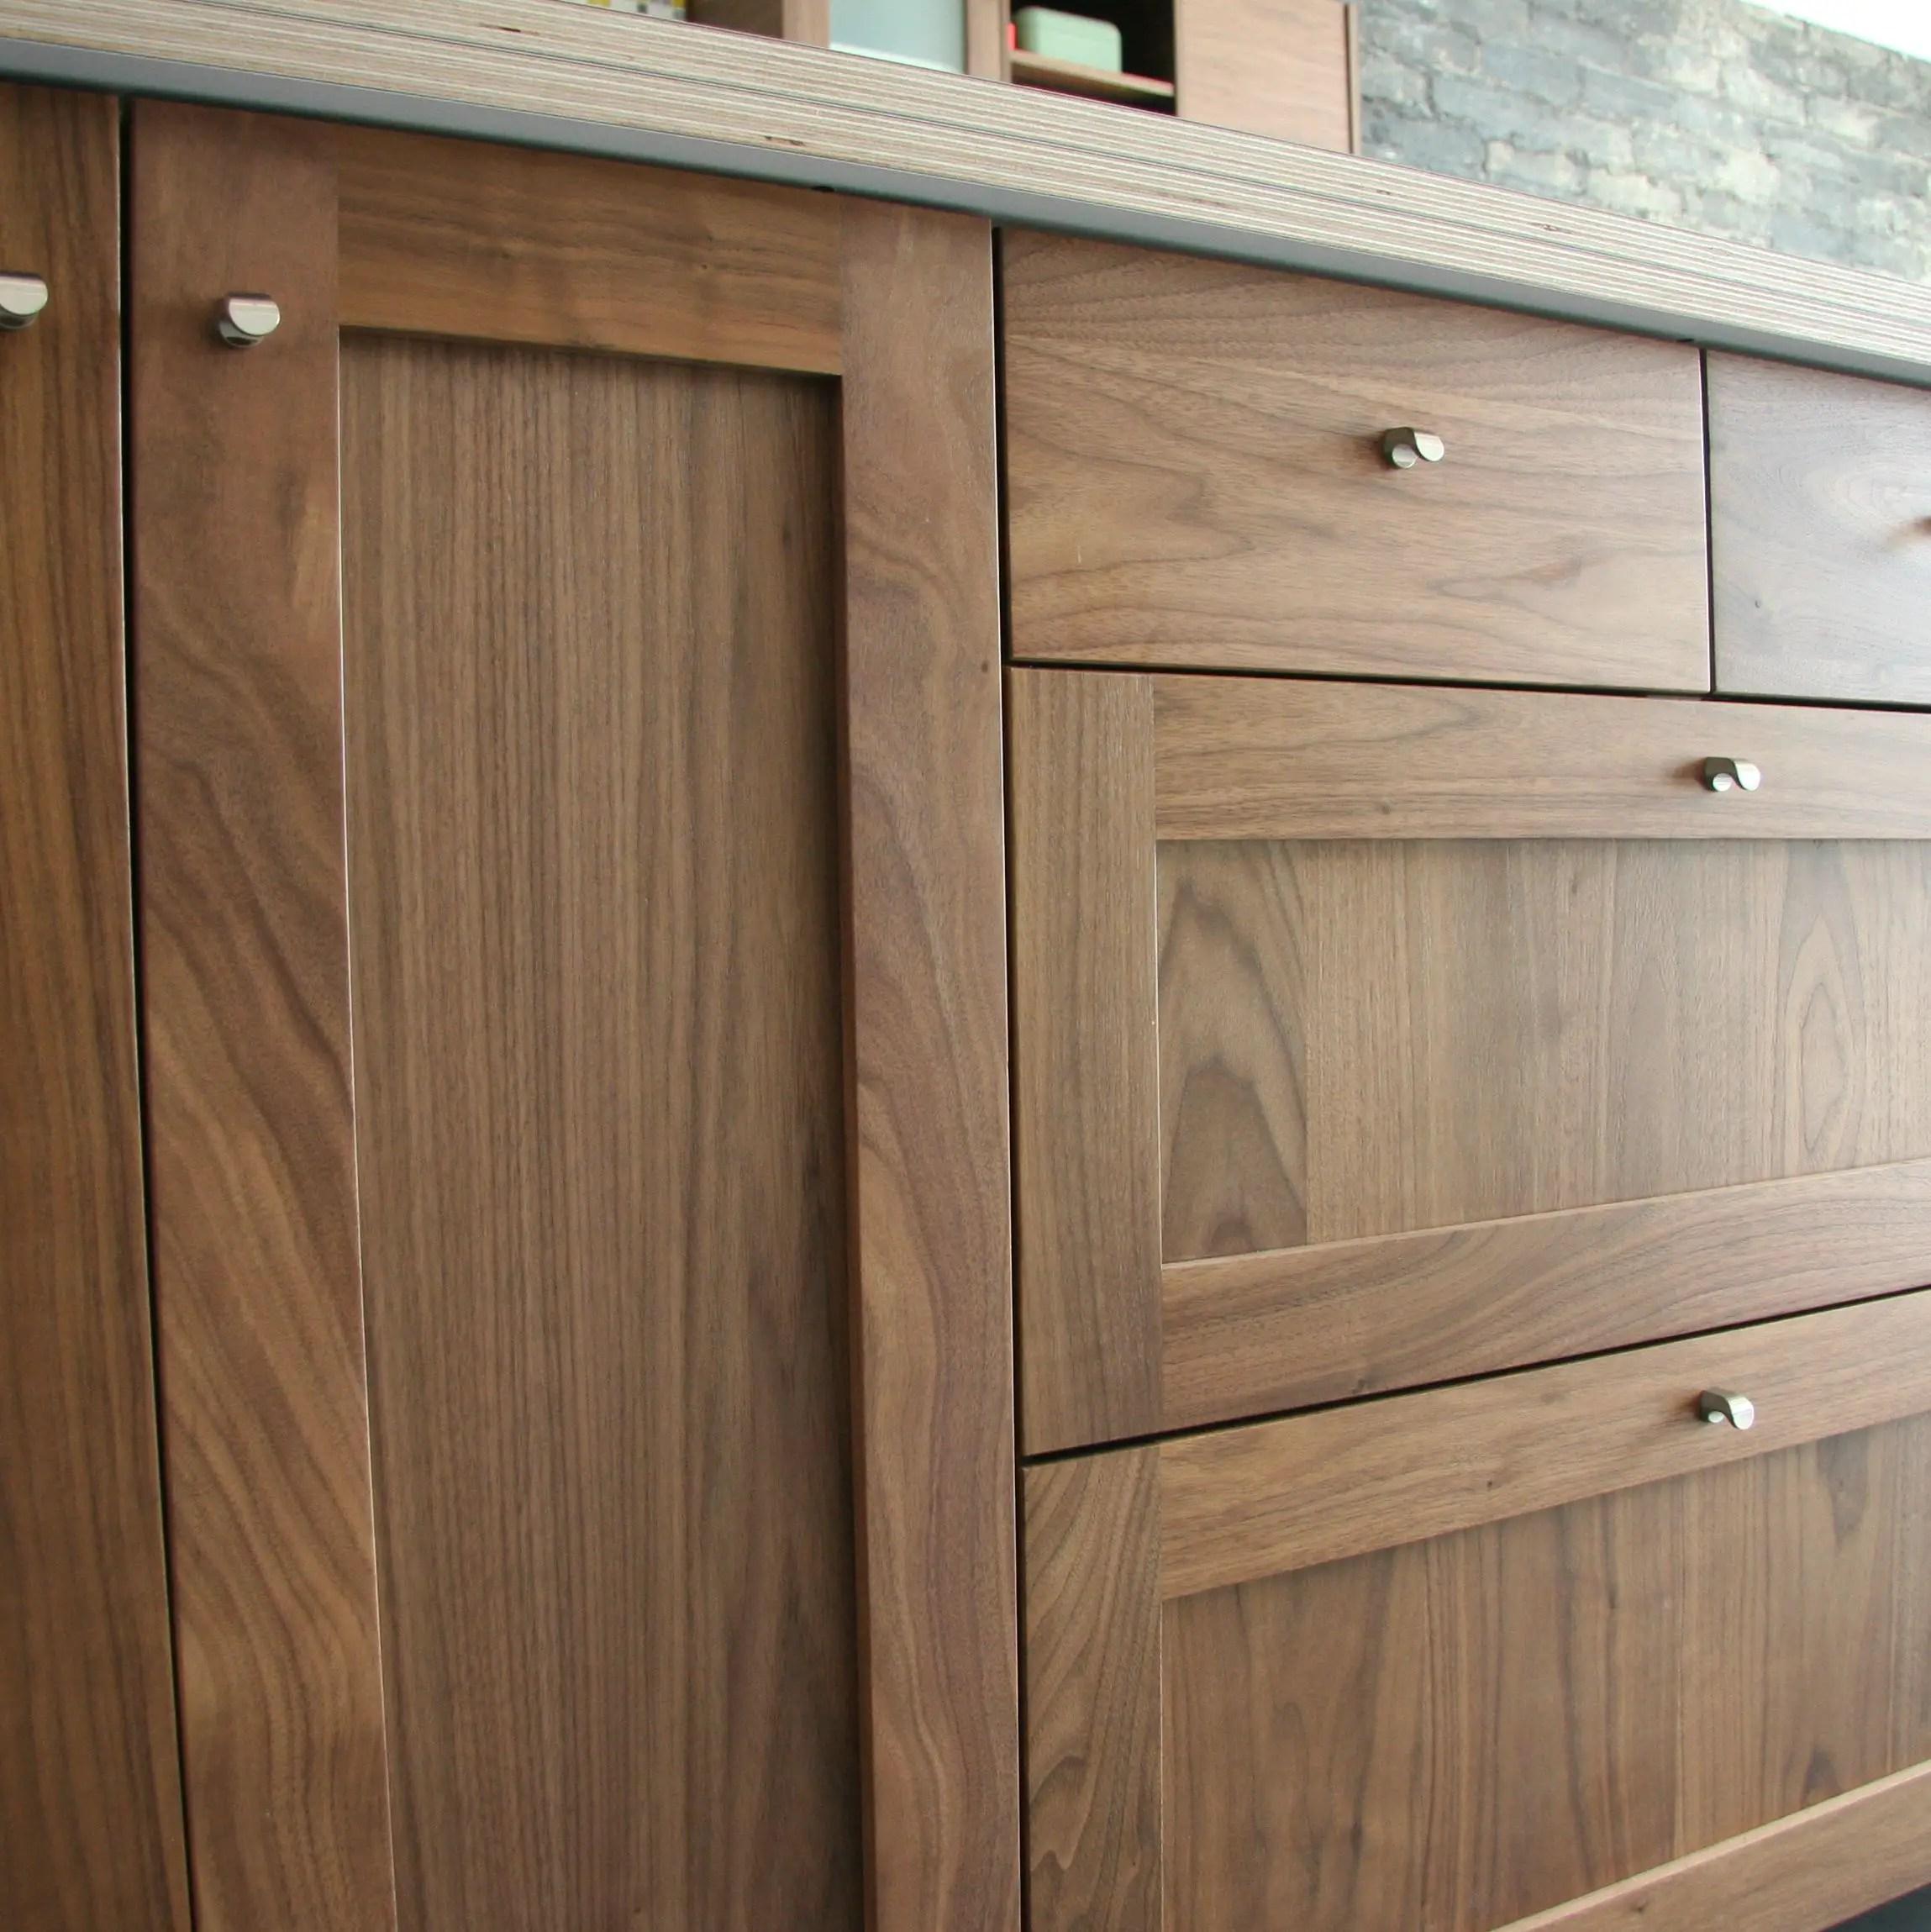 Modern Walnut Kitchen Cabinets: Modern Walnut Kitchen Cabinets Design Ideas 7